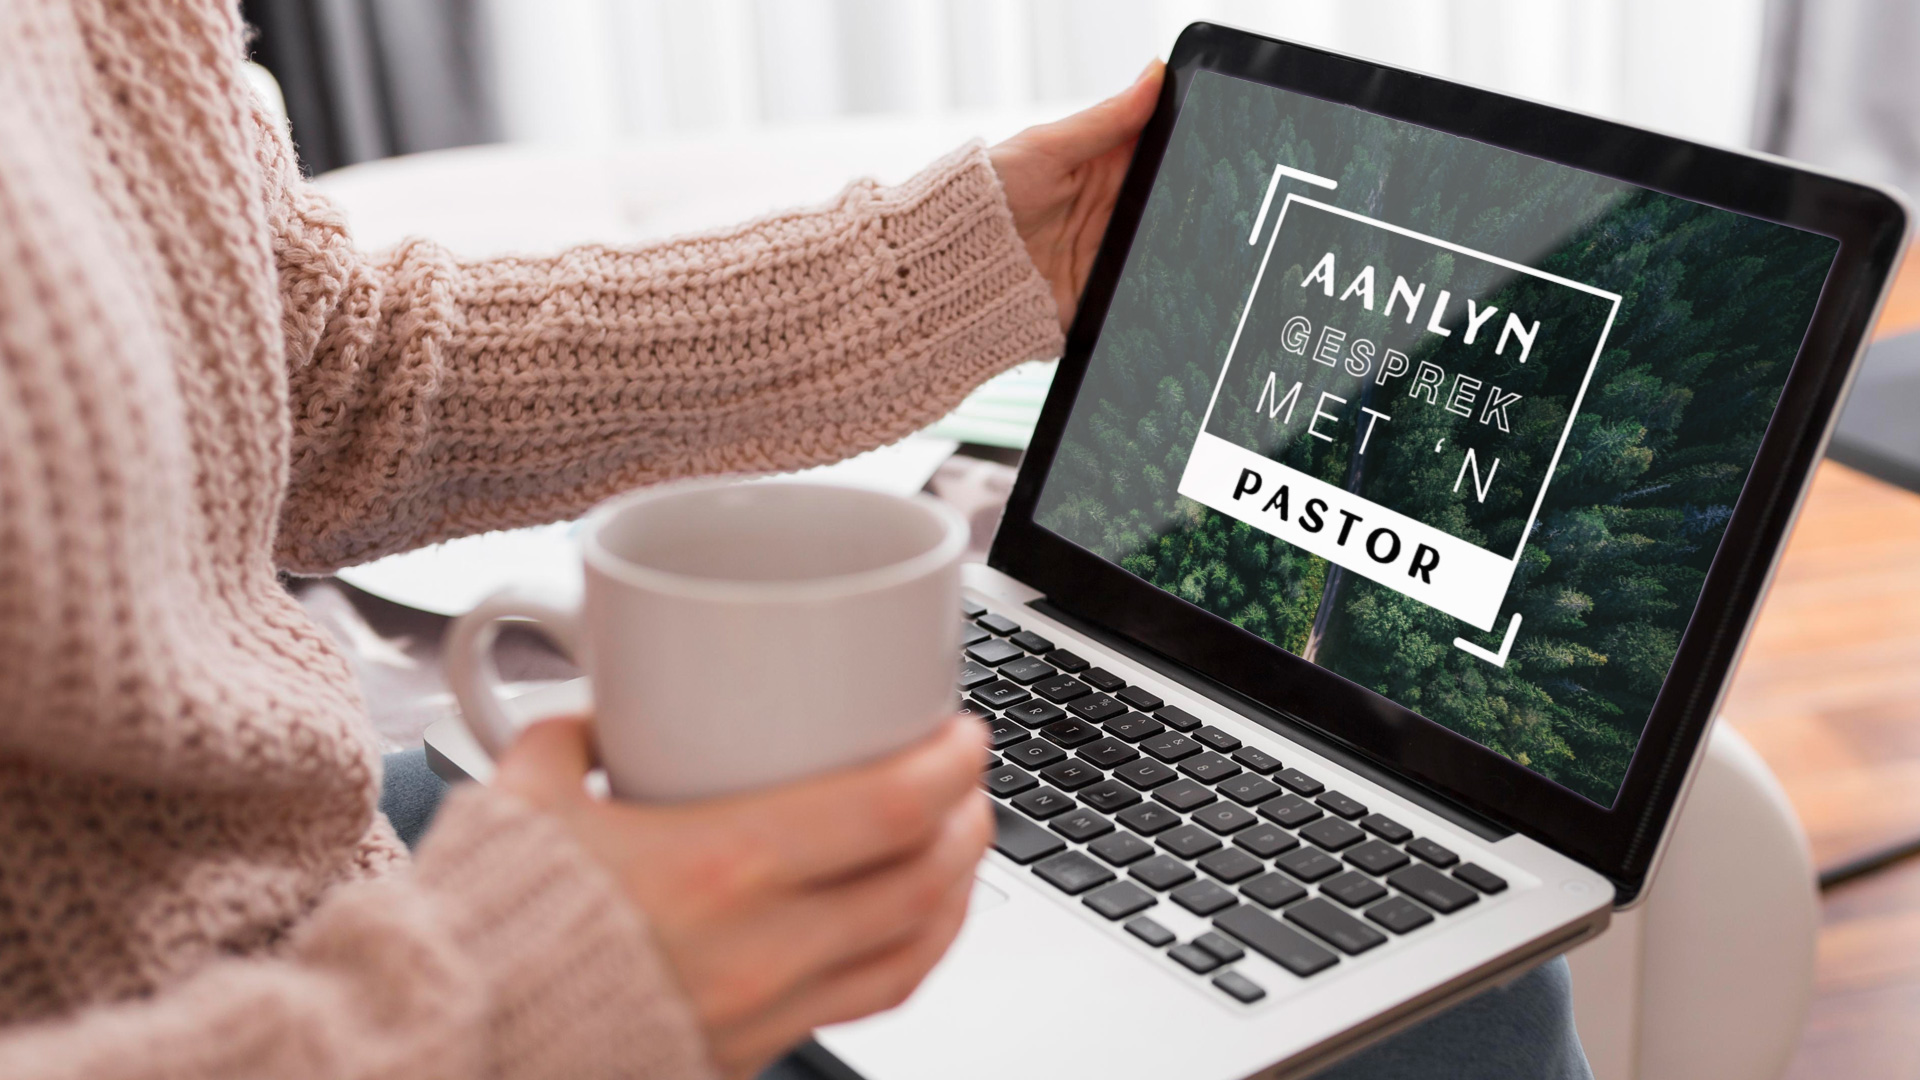 Mosaiek Aanlyn-gesprek-met-pastor